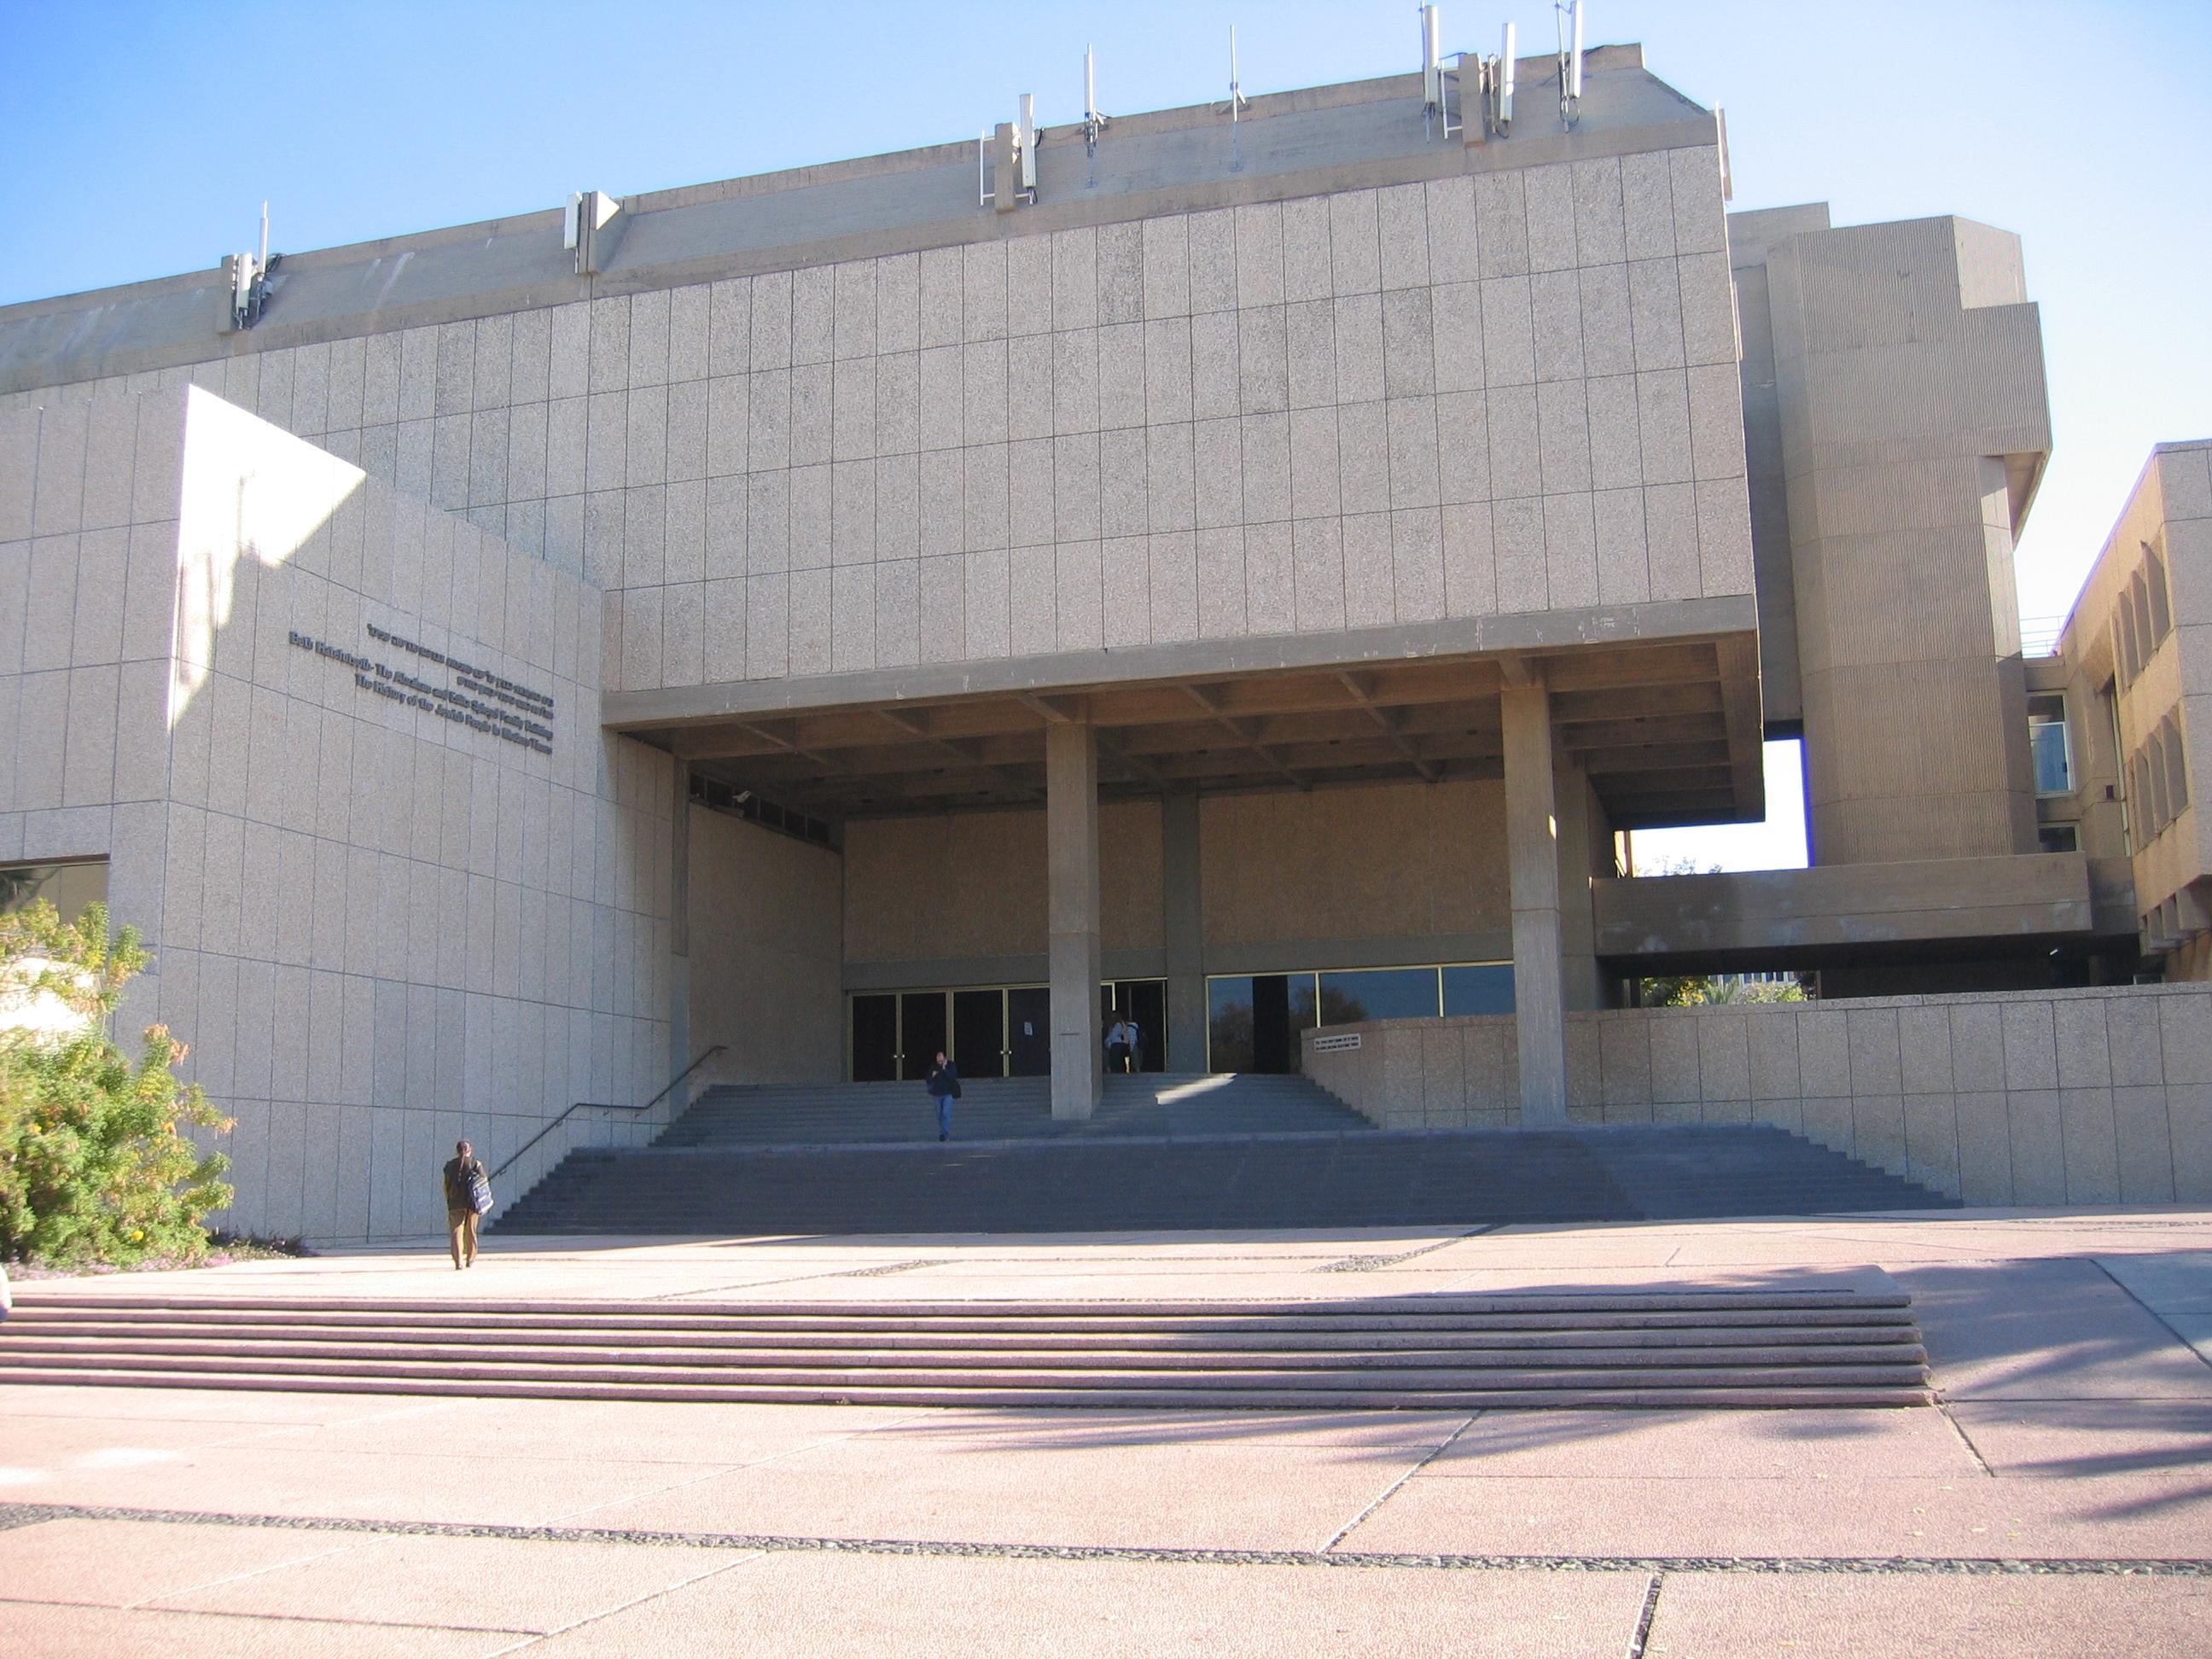 डायस्पोरा संग्रहालय